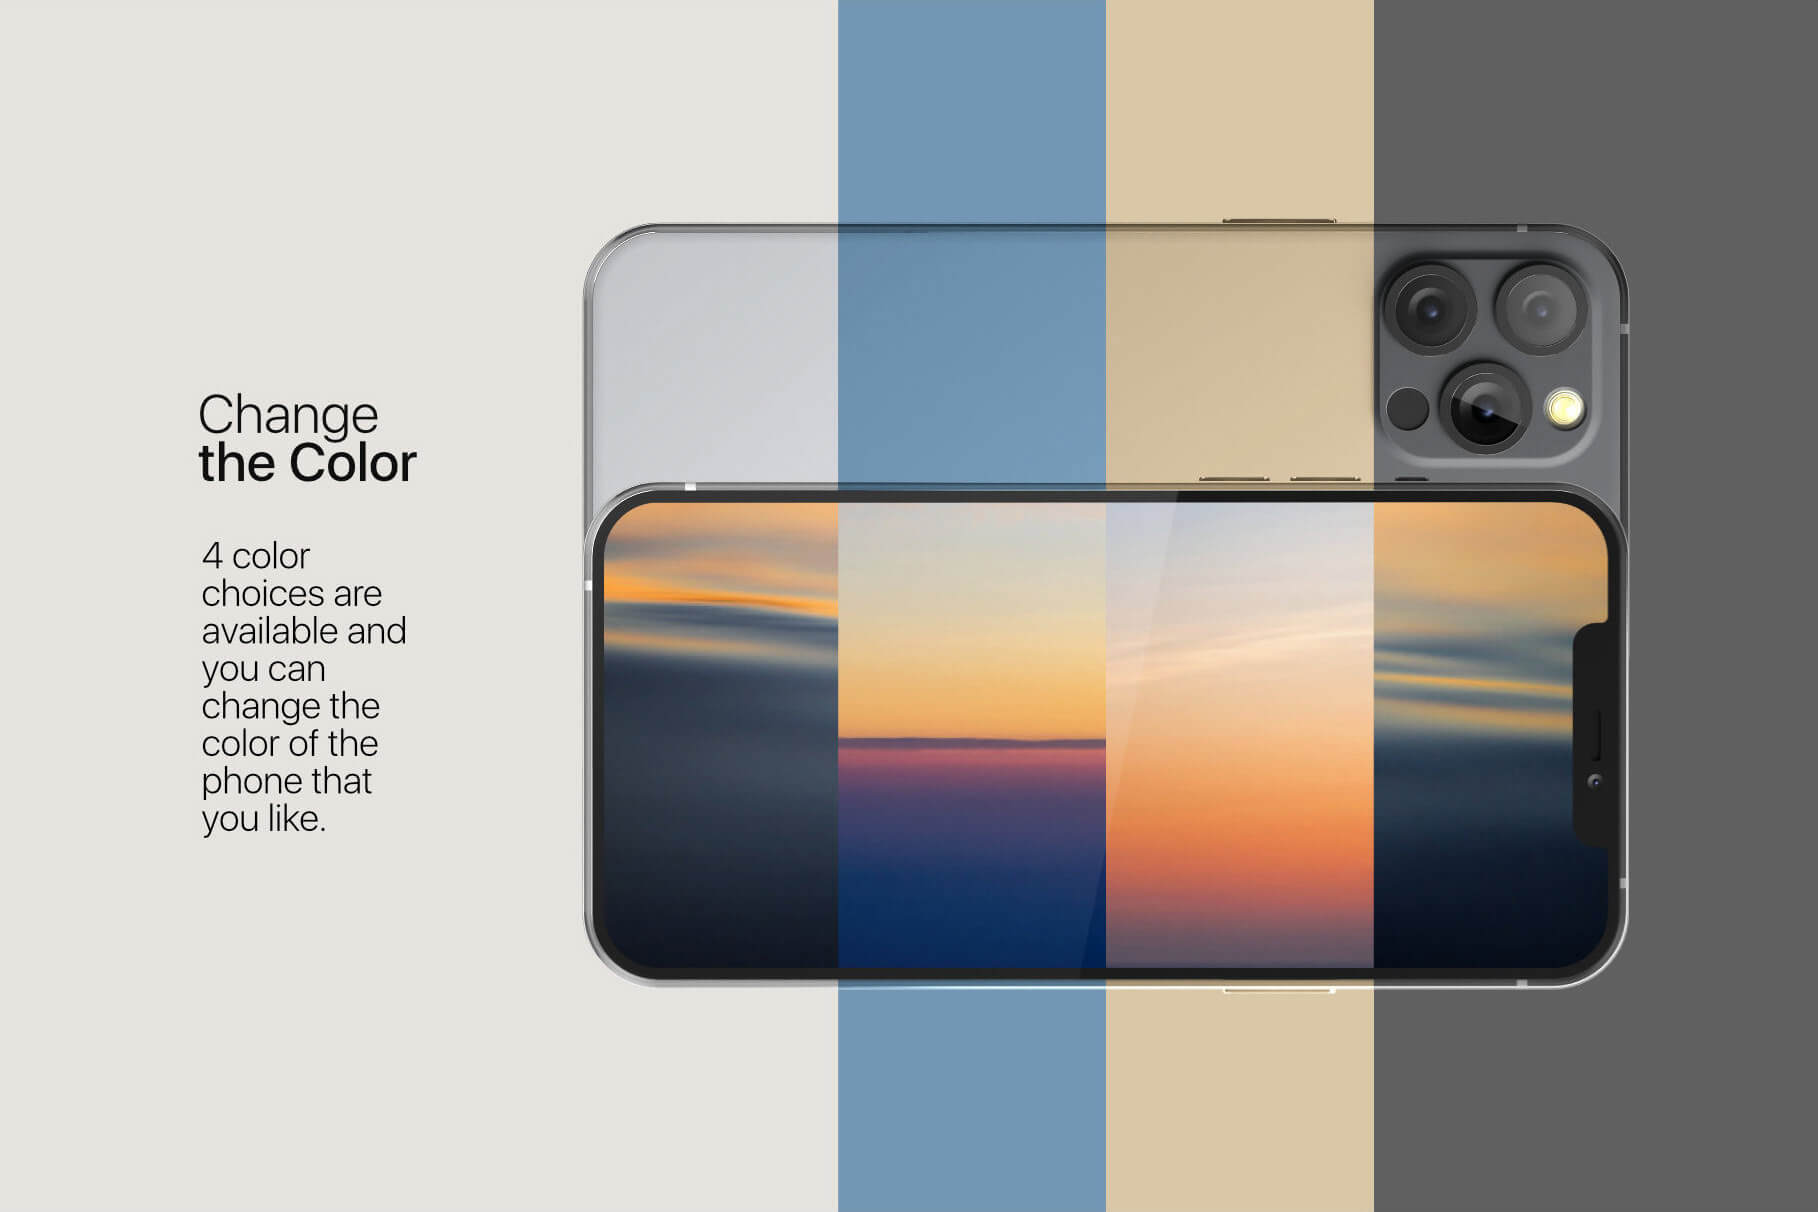 苹果手机12样机精致模版手机多角度展示模版素材iPhone 12 Pro Max Mockup V.01插图(4)